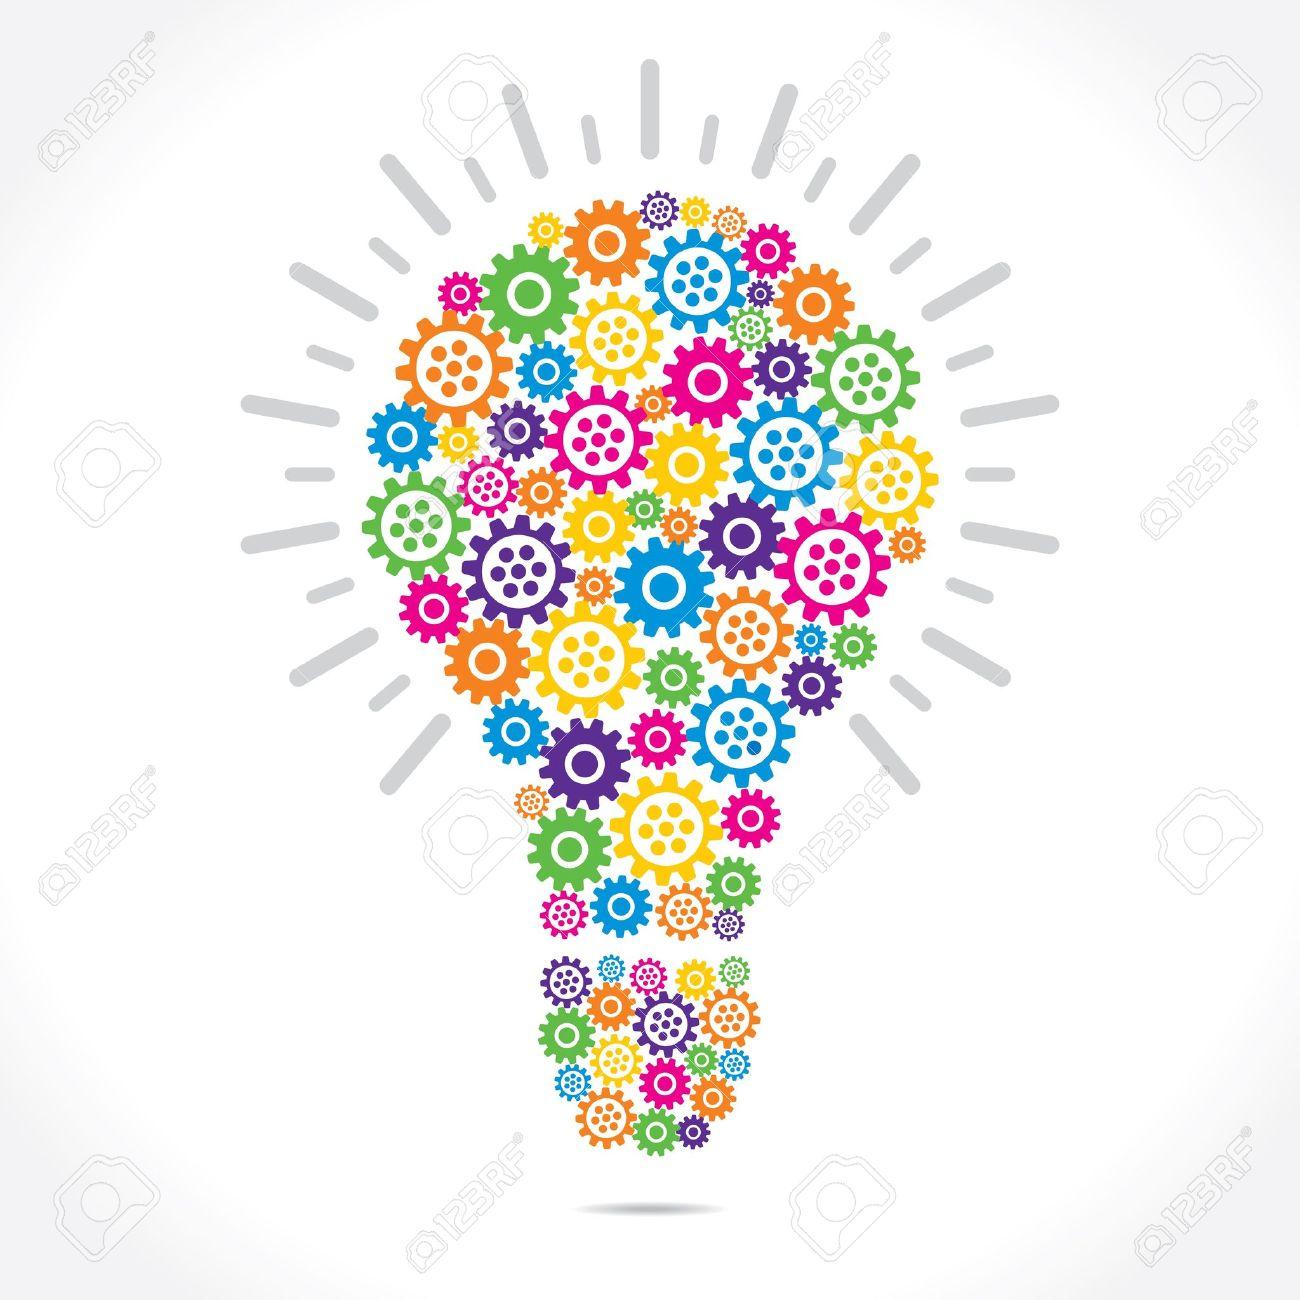 banque dimages engrenages colors font vecteur stock ampoule forme - Ampoule Colore